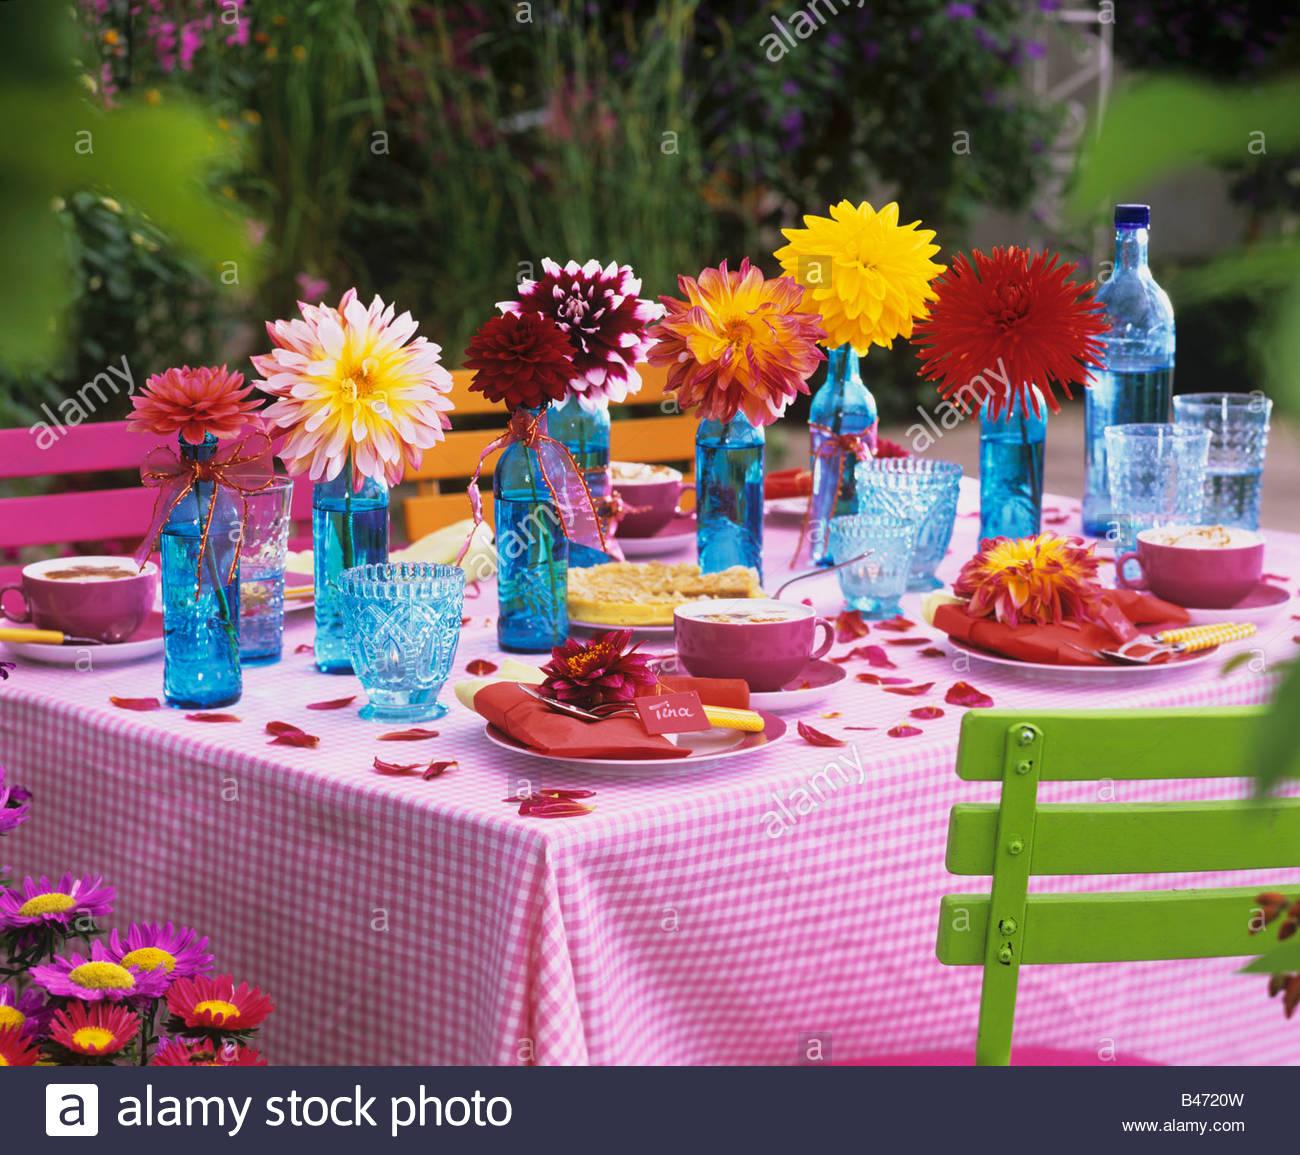 Tisch gedeckt für Kaffee mit bunten Dahlien Stockbild